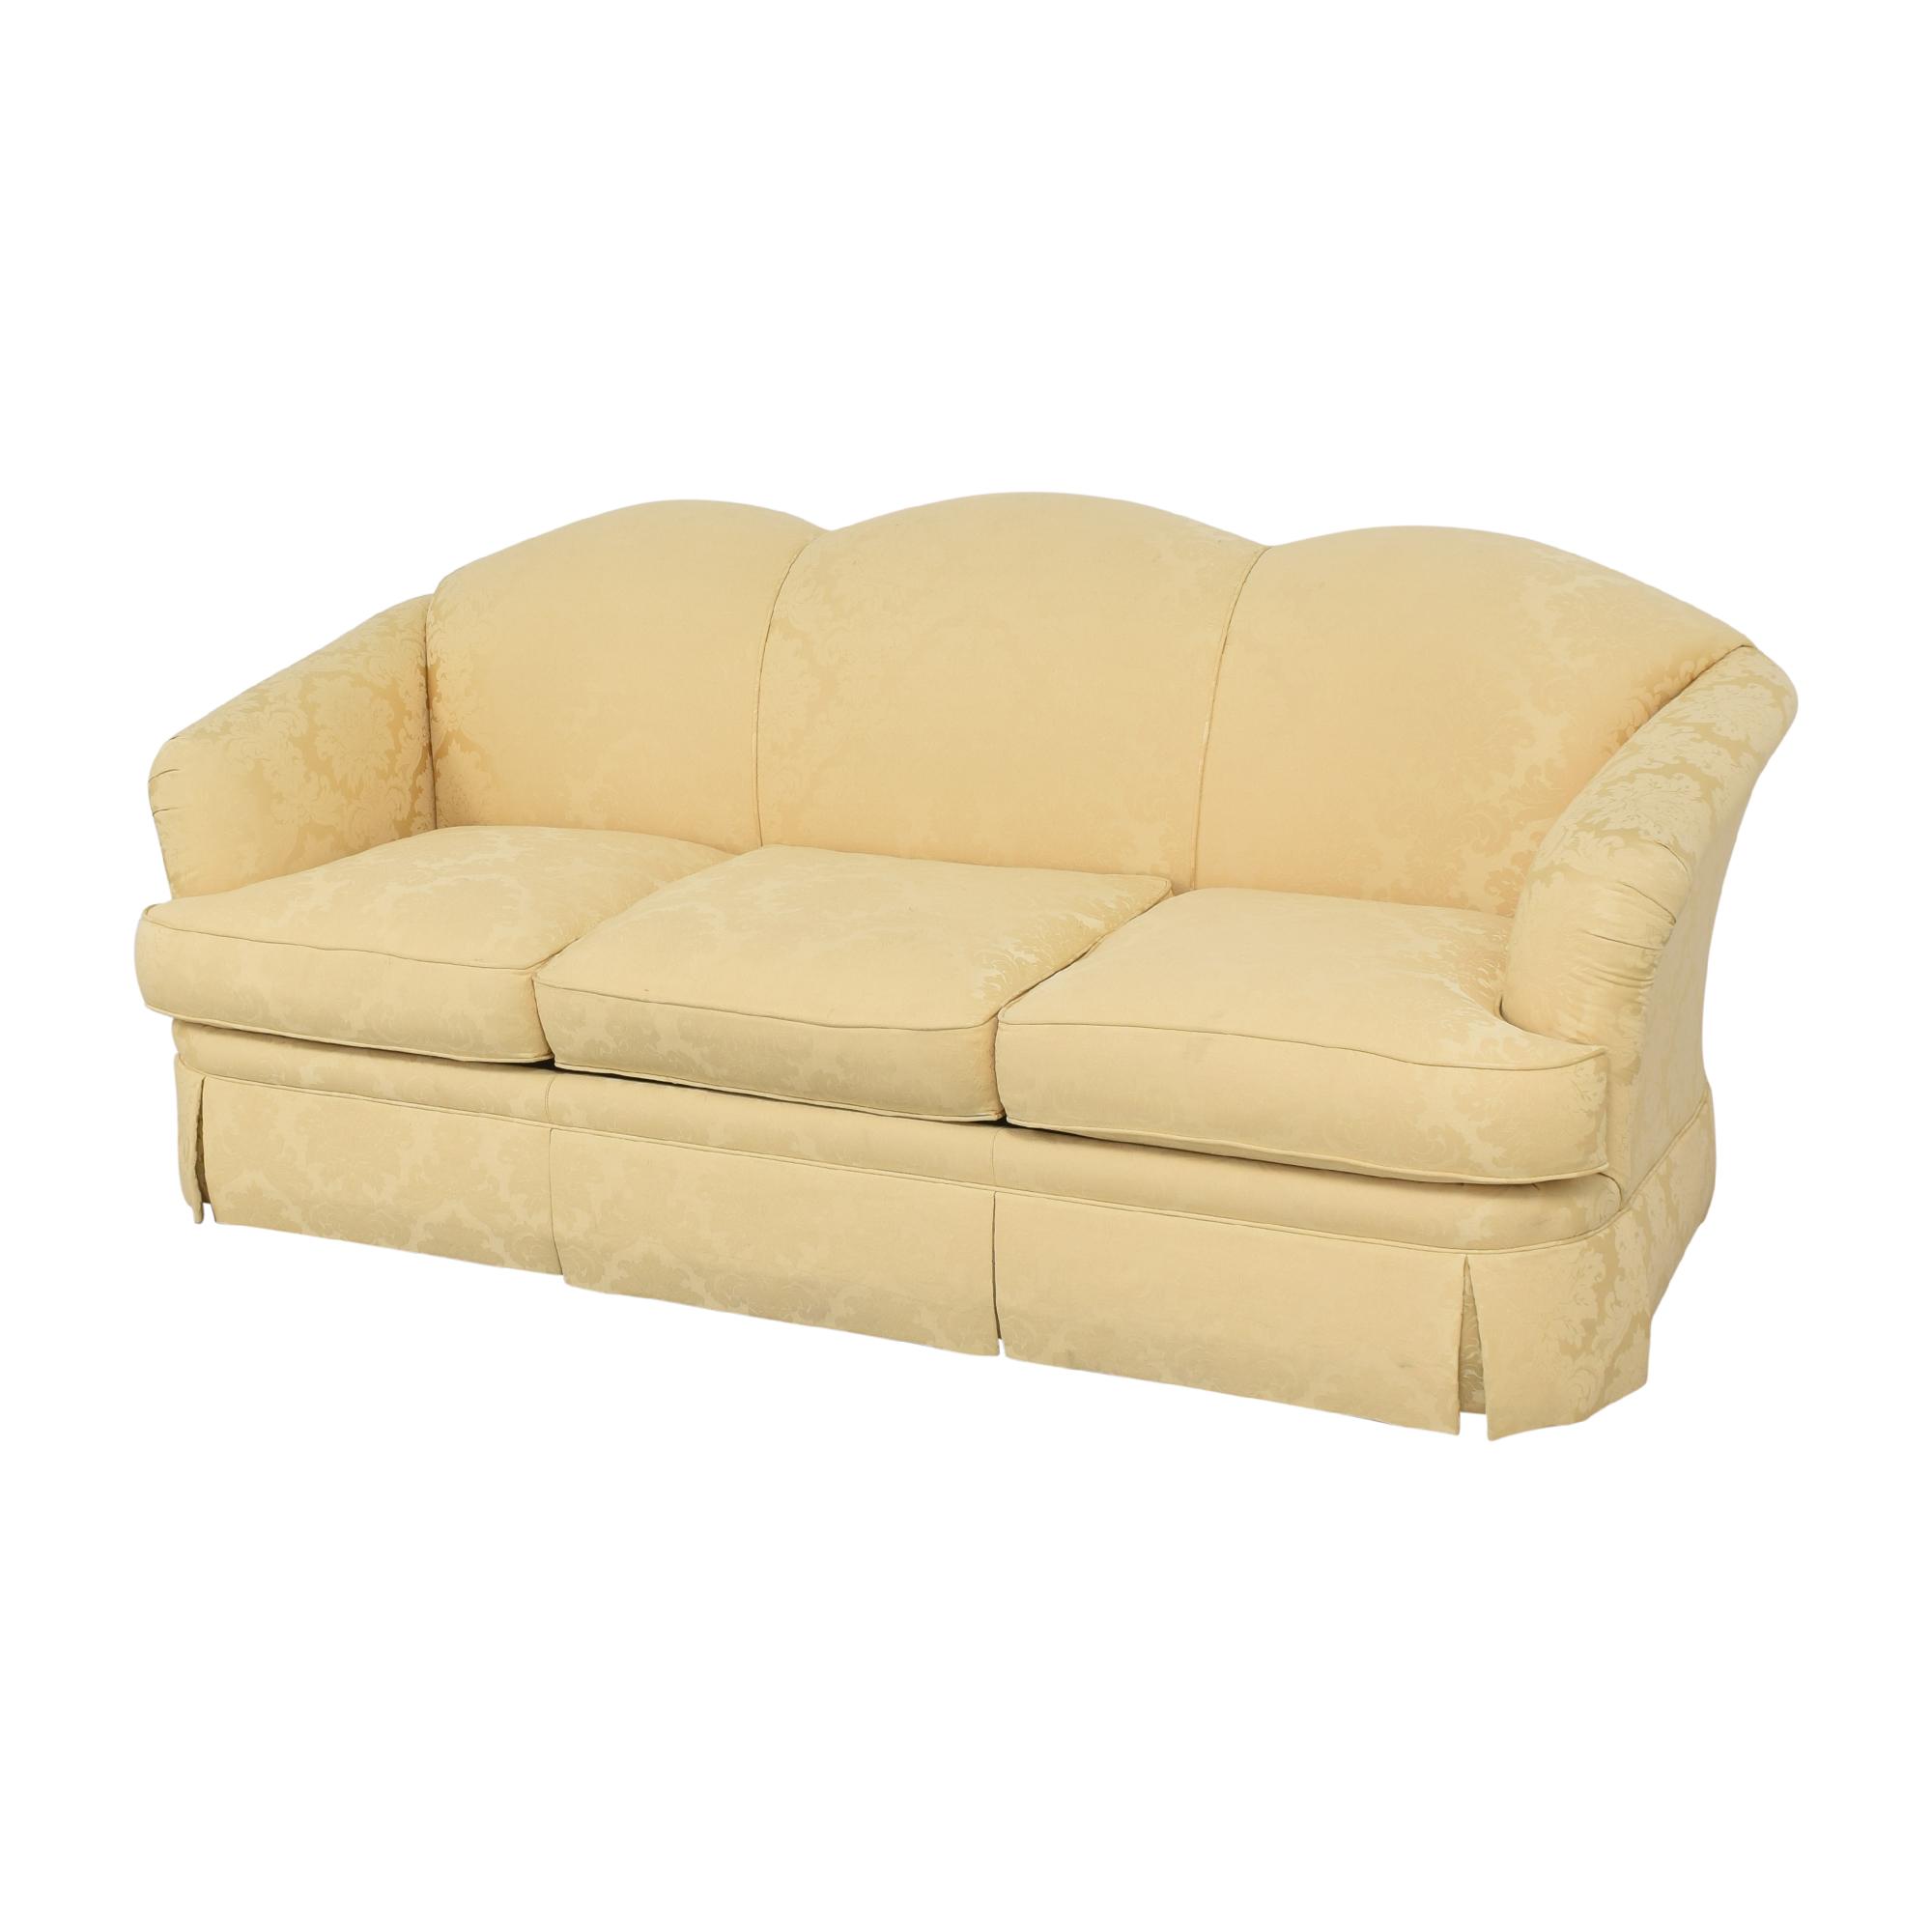 Thomasville Thomasville Scalloped Three Cushion Sofa ma